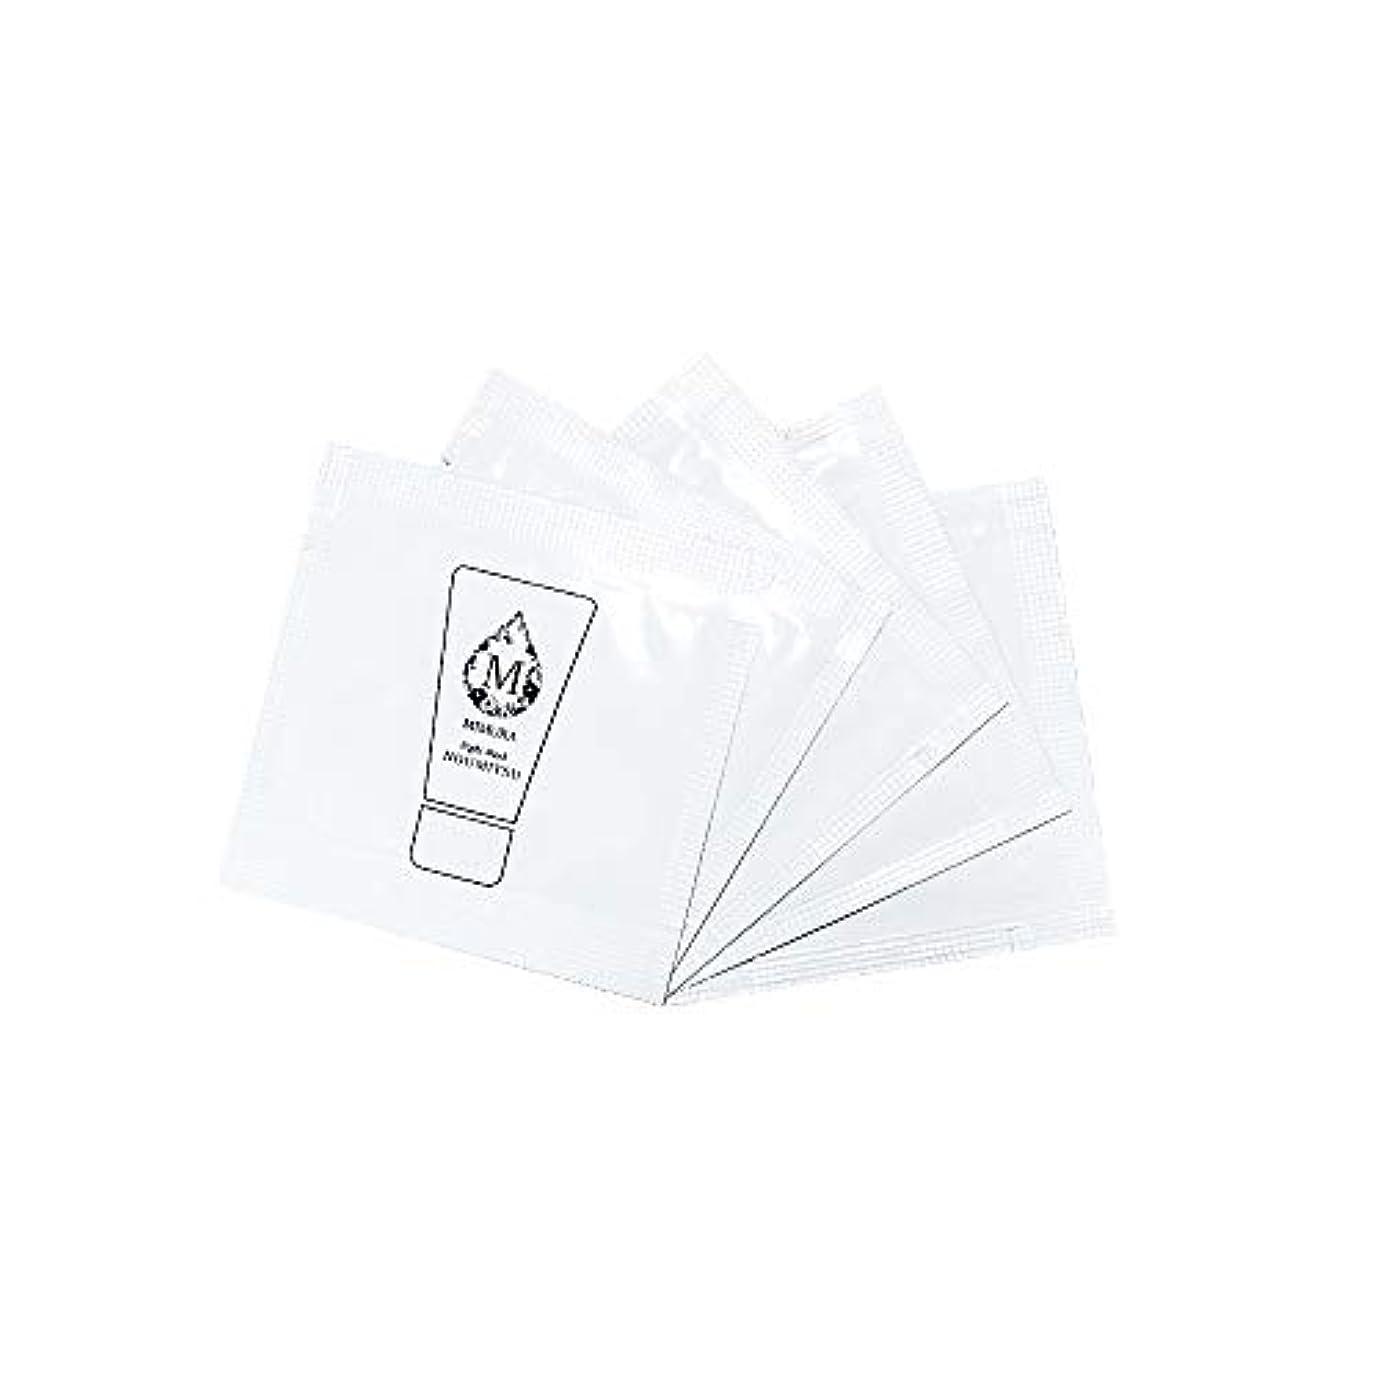 テレビ九月生産性ナイトケアクリーム 保湿 顔 用 ミムラ ナイトマスク NOUMITSU 試供品 5個入り ゆうパケット (ポスト投函)での発送となります。 MIMURA 乾燥肌 日本製 ※おひとり様1点、1回限りとなります。